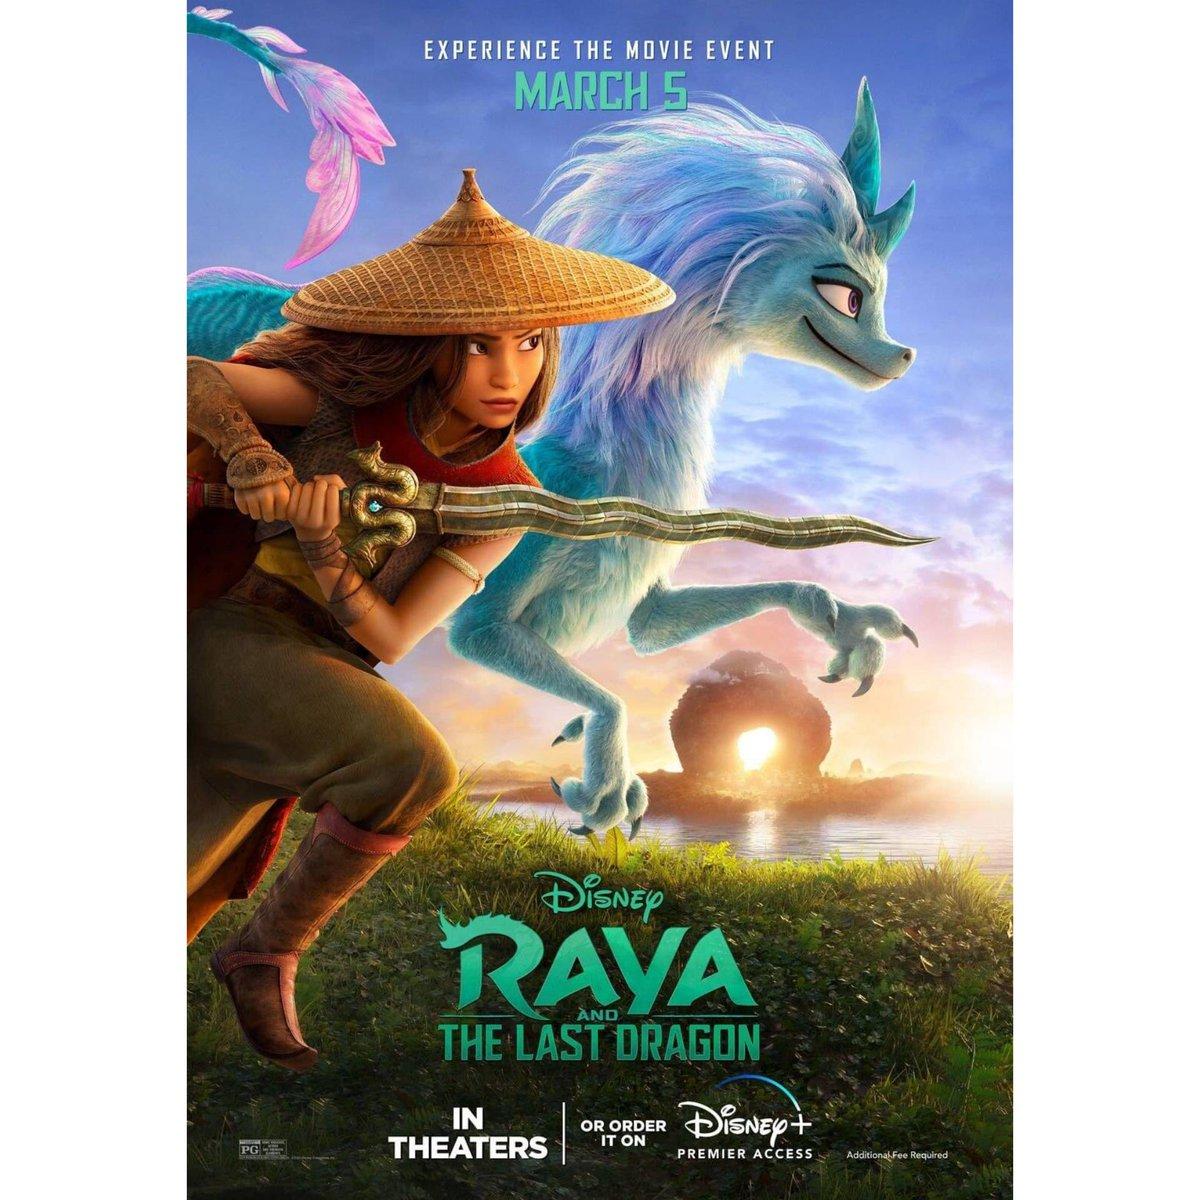 Nuevo póster de #RayaAndTheLastDragon.